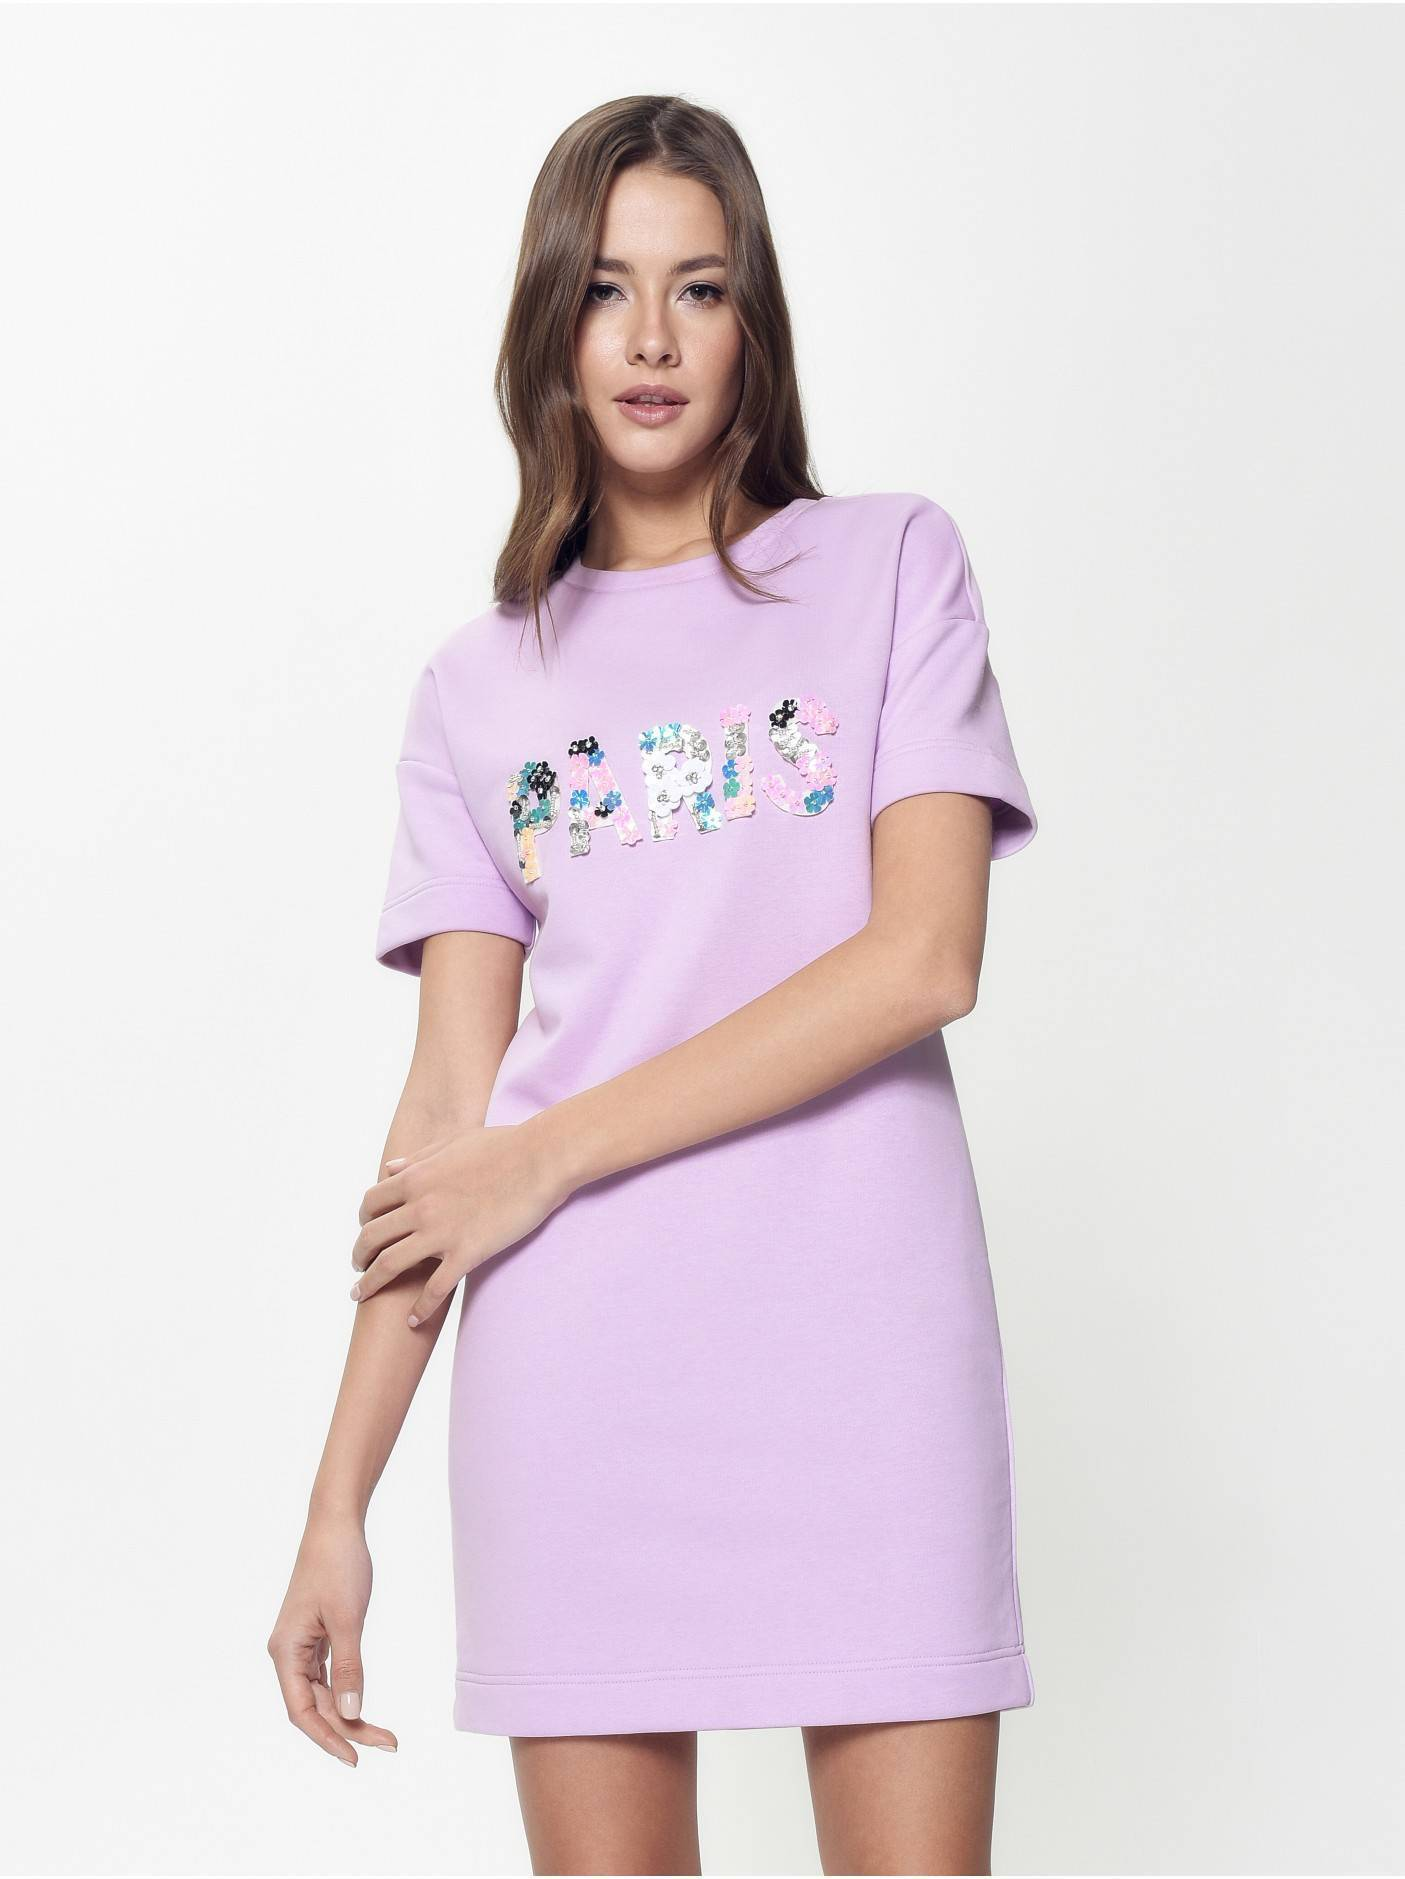 5500cf6c310 ... платье женское ультракомфортное платье а-силуэта с аппликацией LPL 898  18С-649ТСП